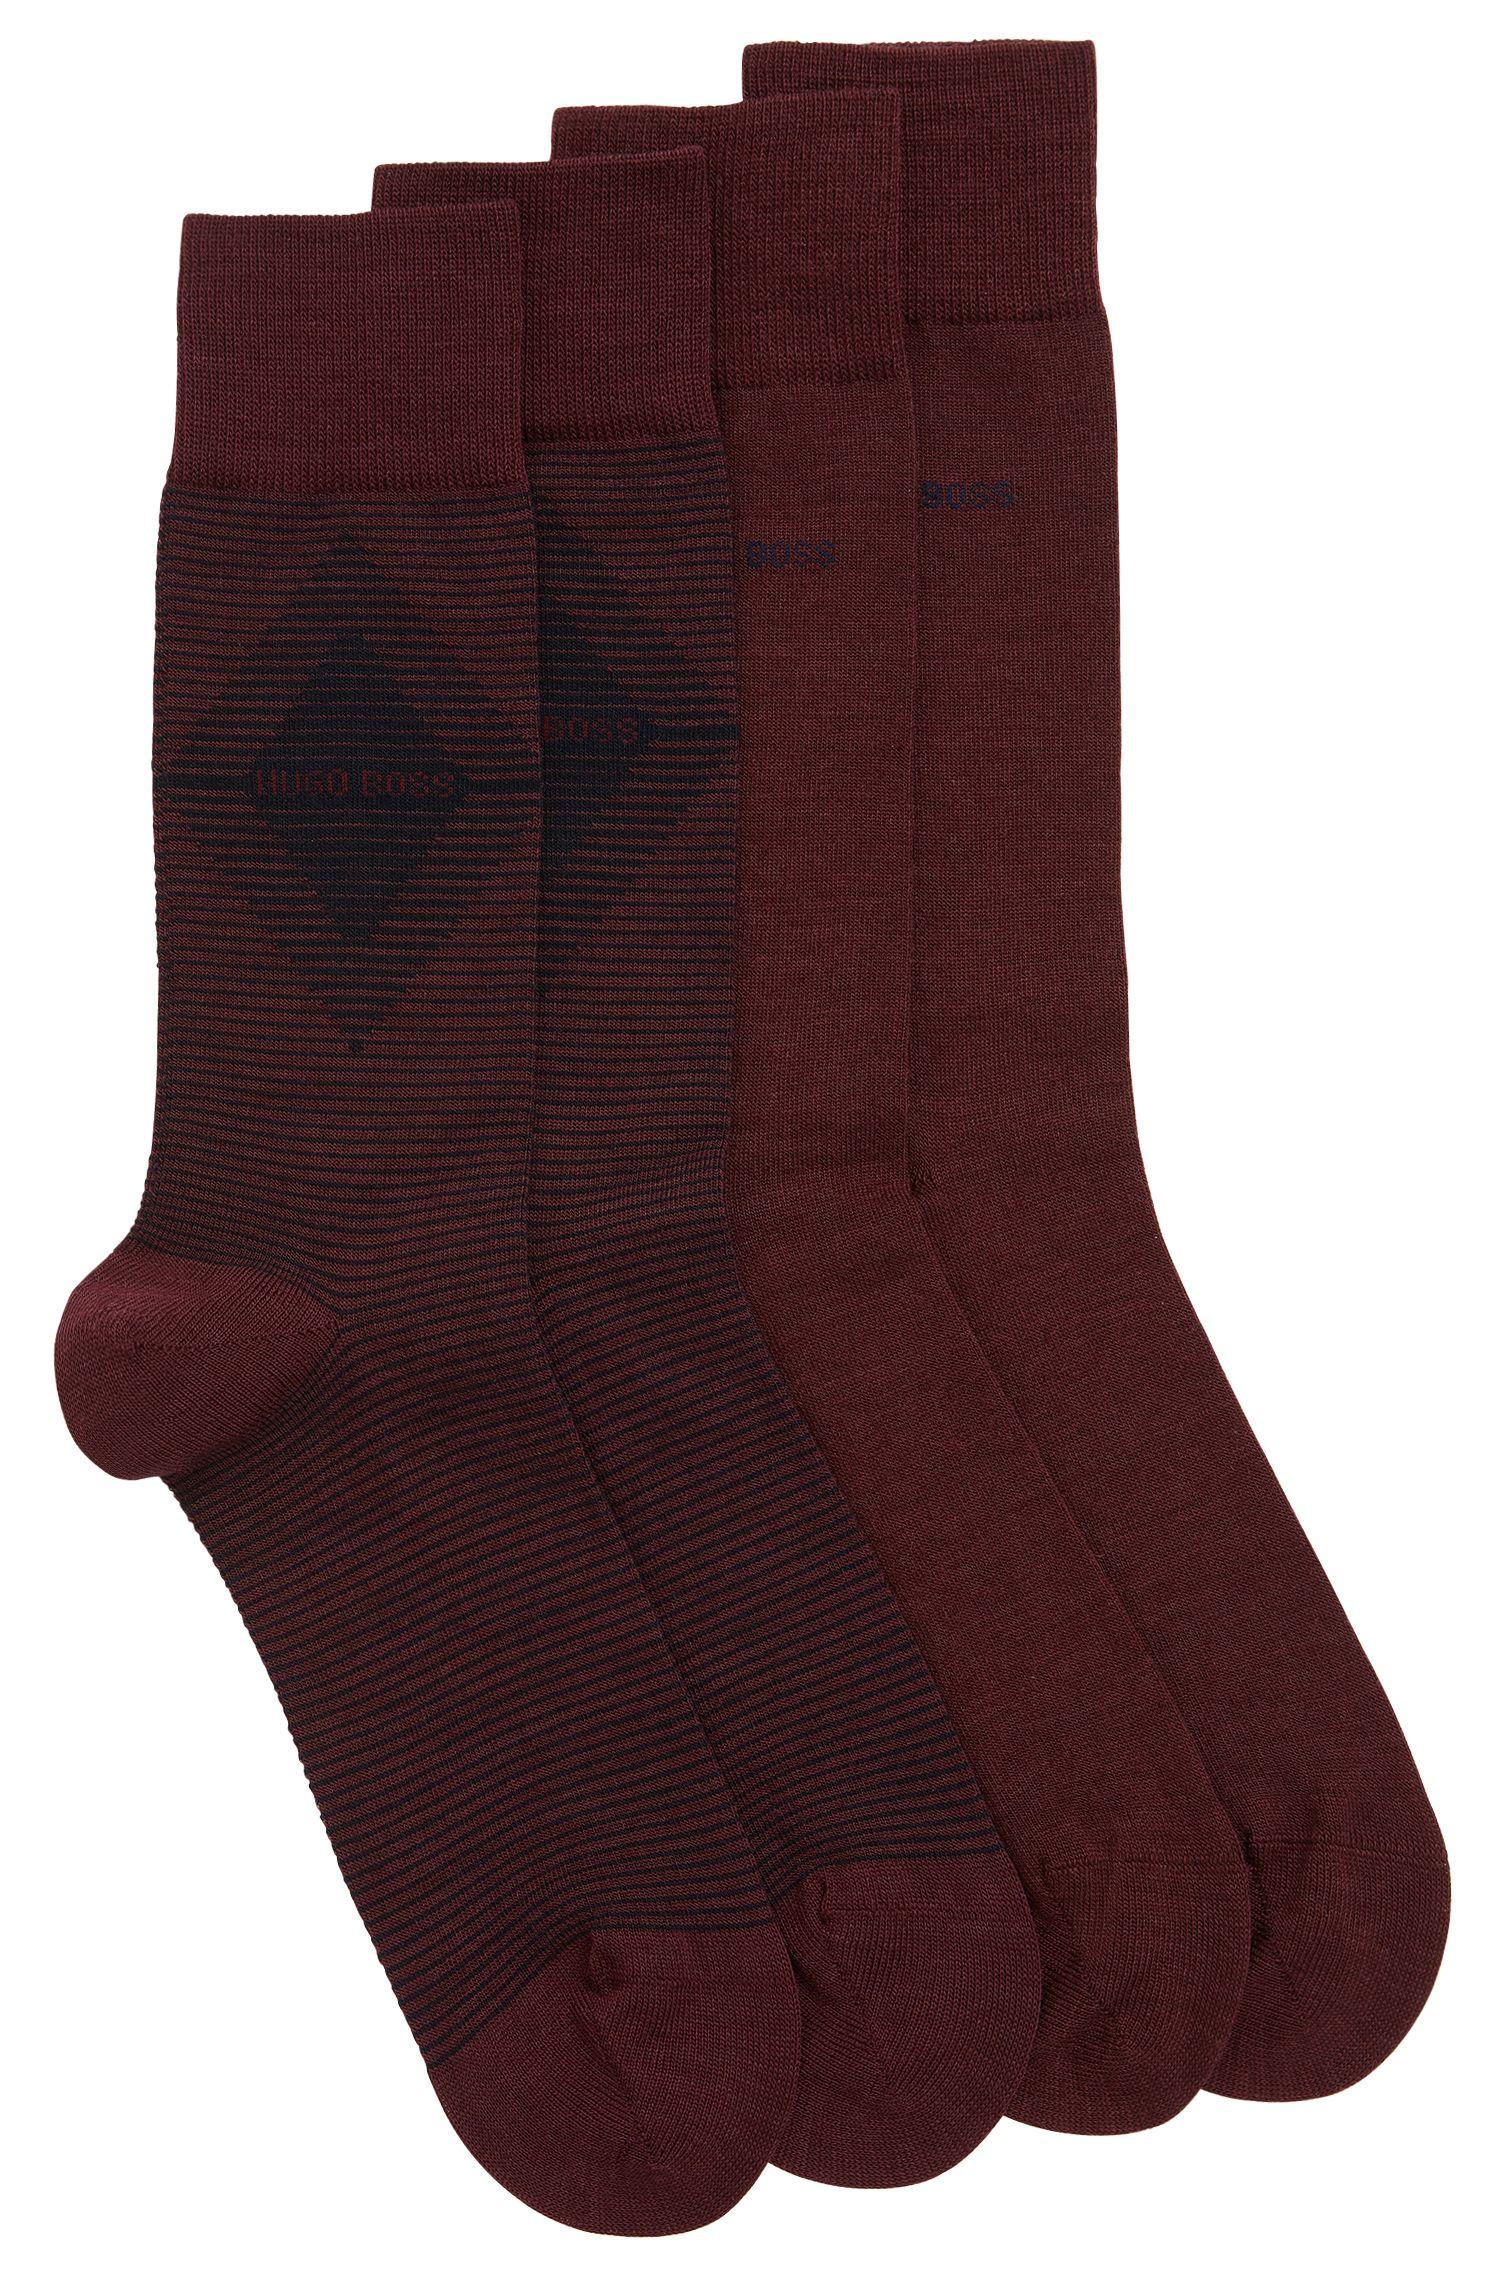 Lot de deux paires de chaussettes mi-hautes en tissu peigné